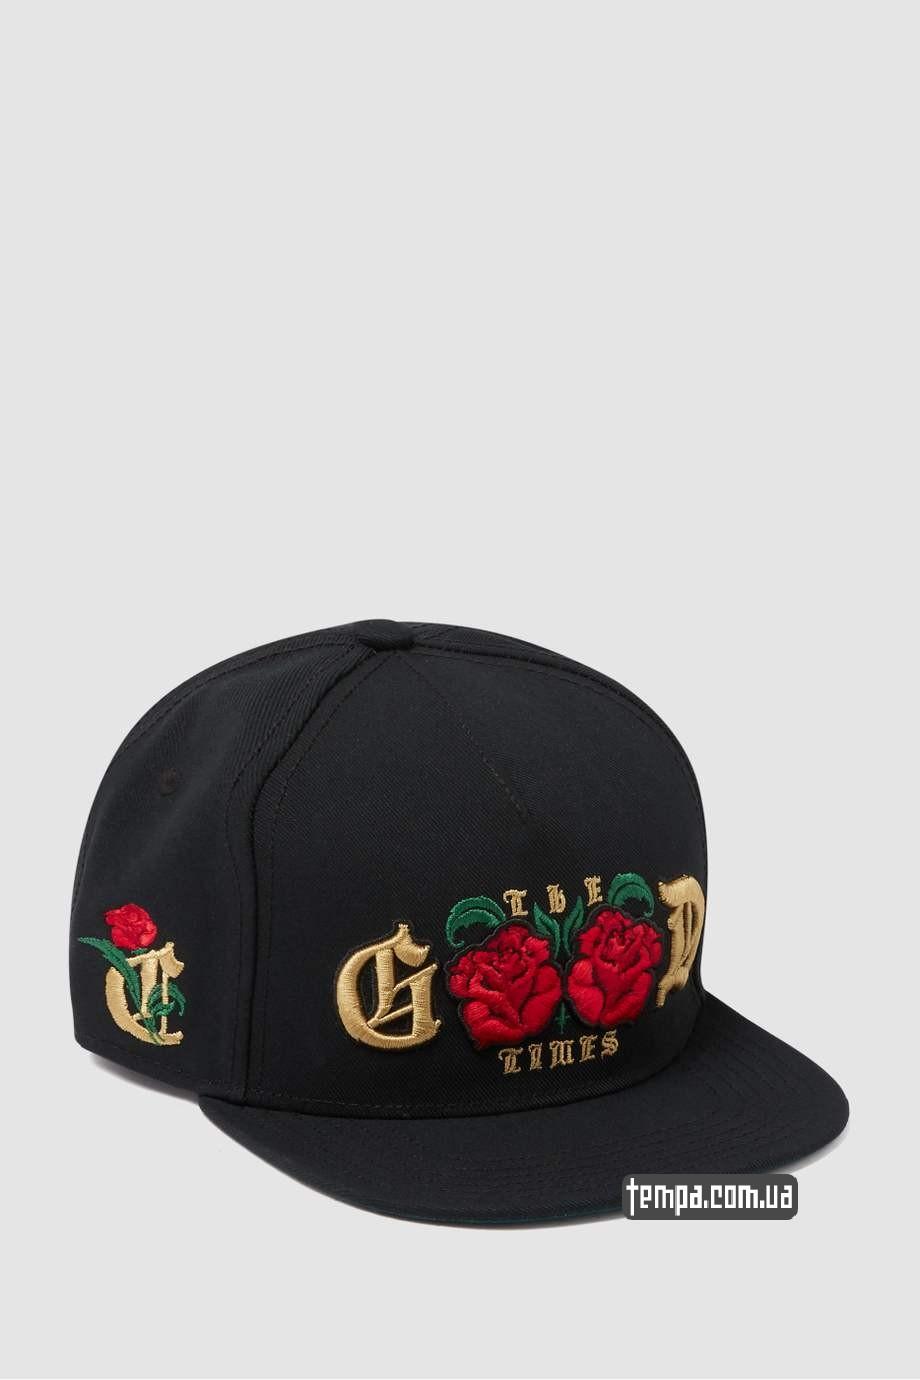 good times бейсболка с розами кепка купить украина